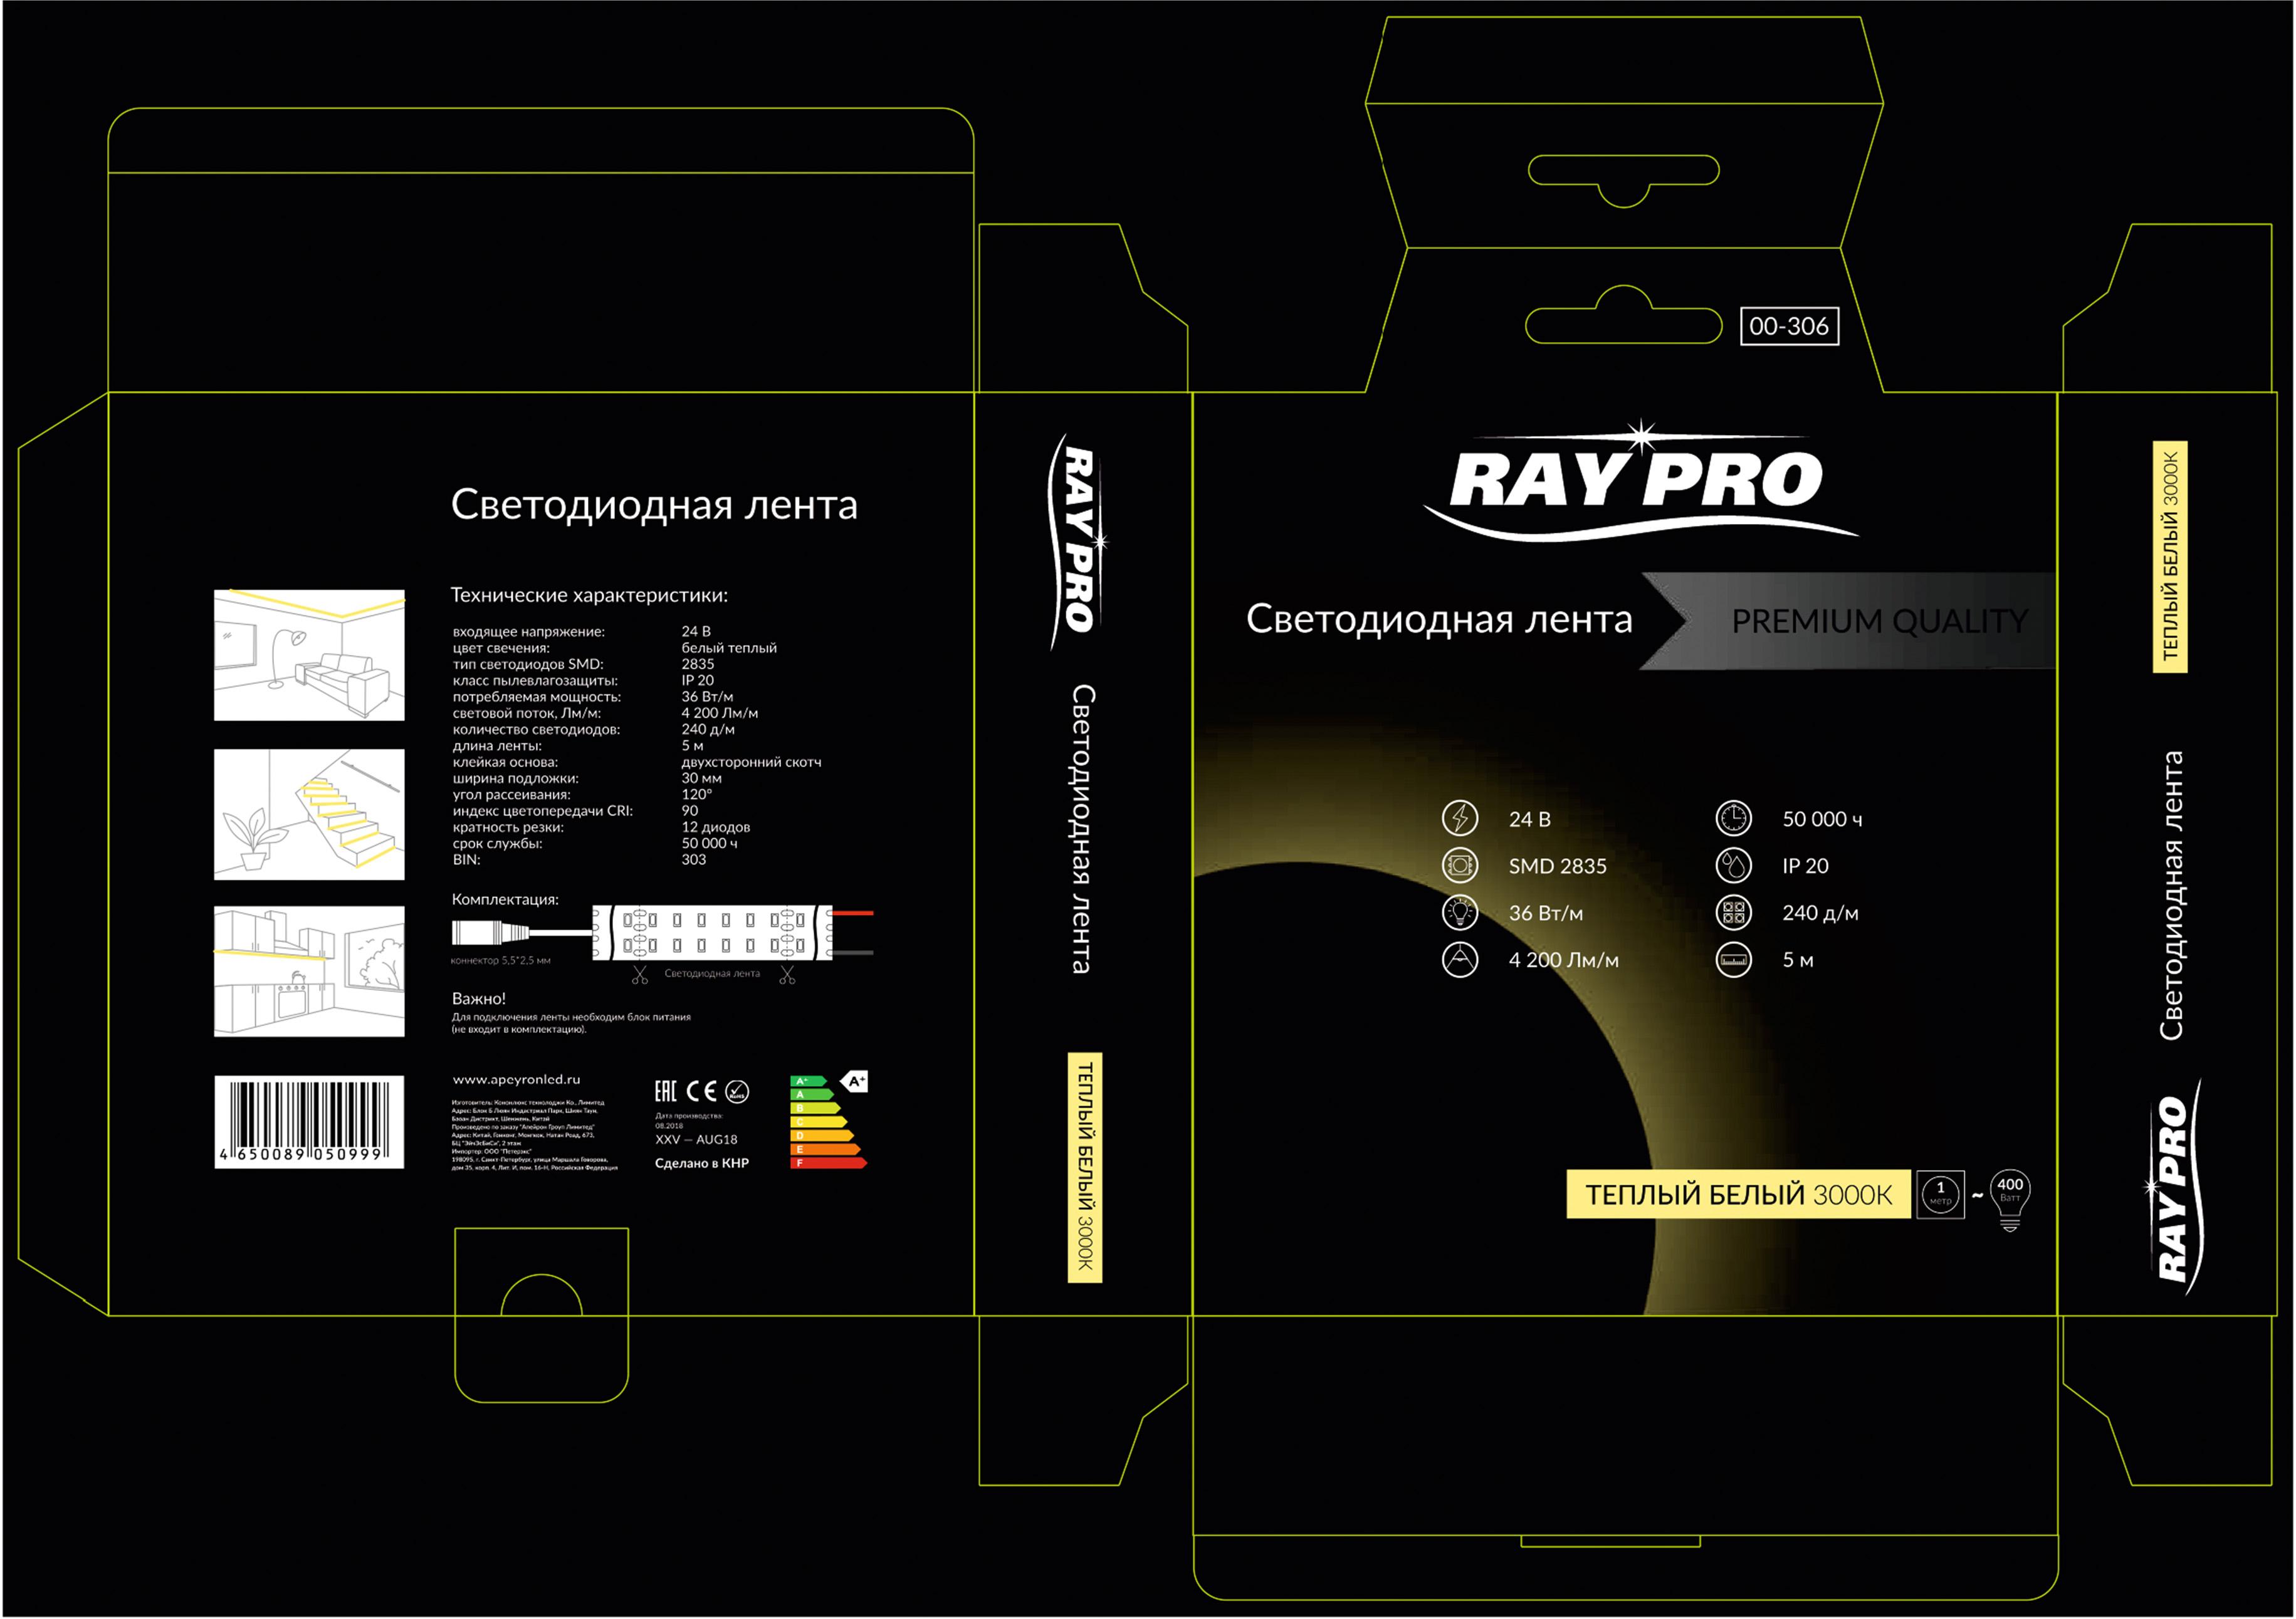 Разработка логотипа (продукт - светодиодная лента) фото f_7515bc330b7e3470.jpg